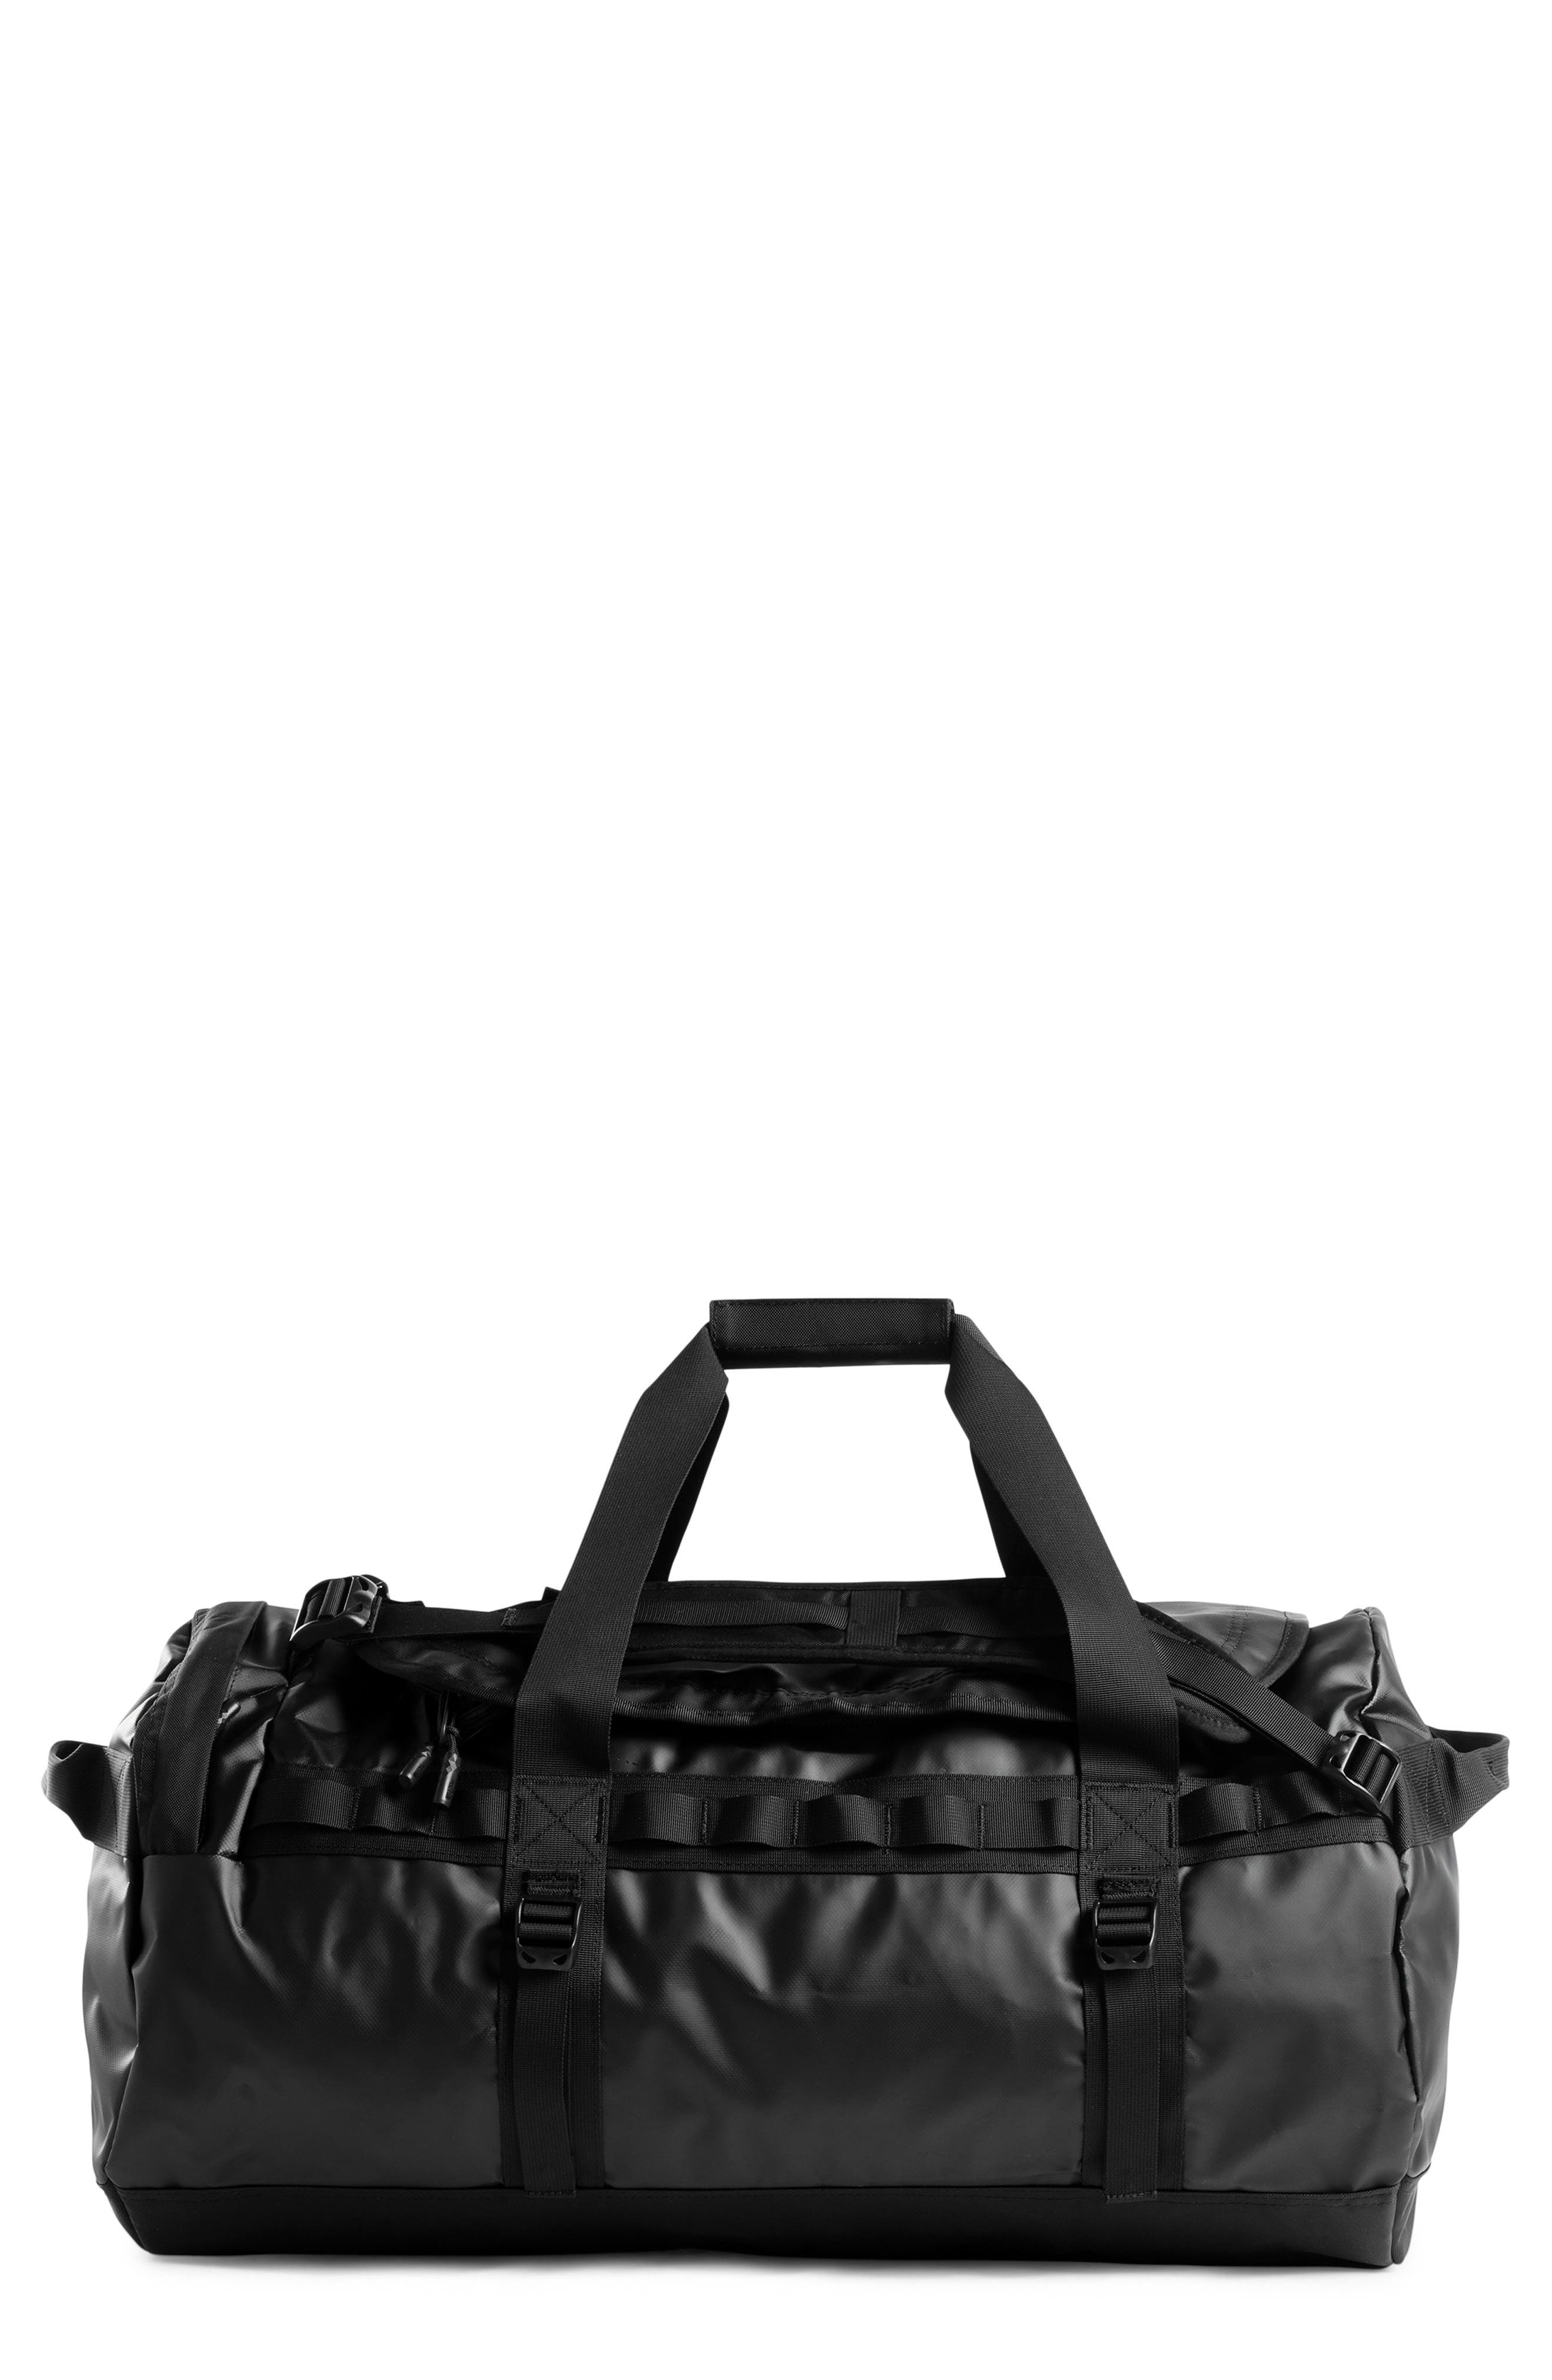 Base Camp Water Resistant Duffel Bag,                         Main,                         color, TNF BLACK/ METALLIC COPPER